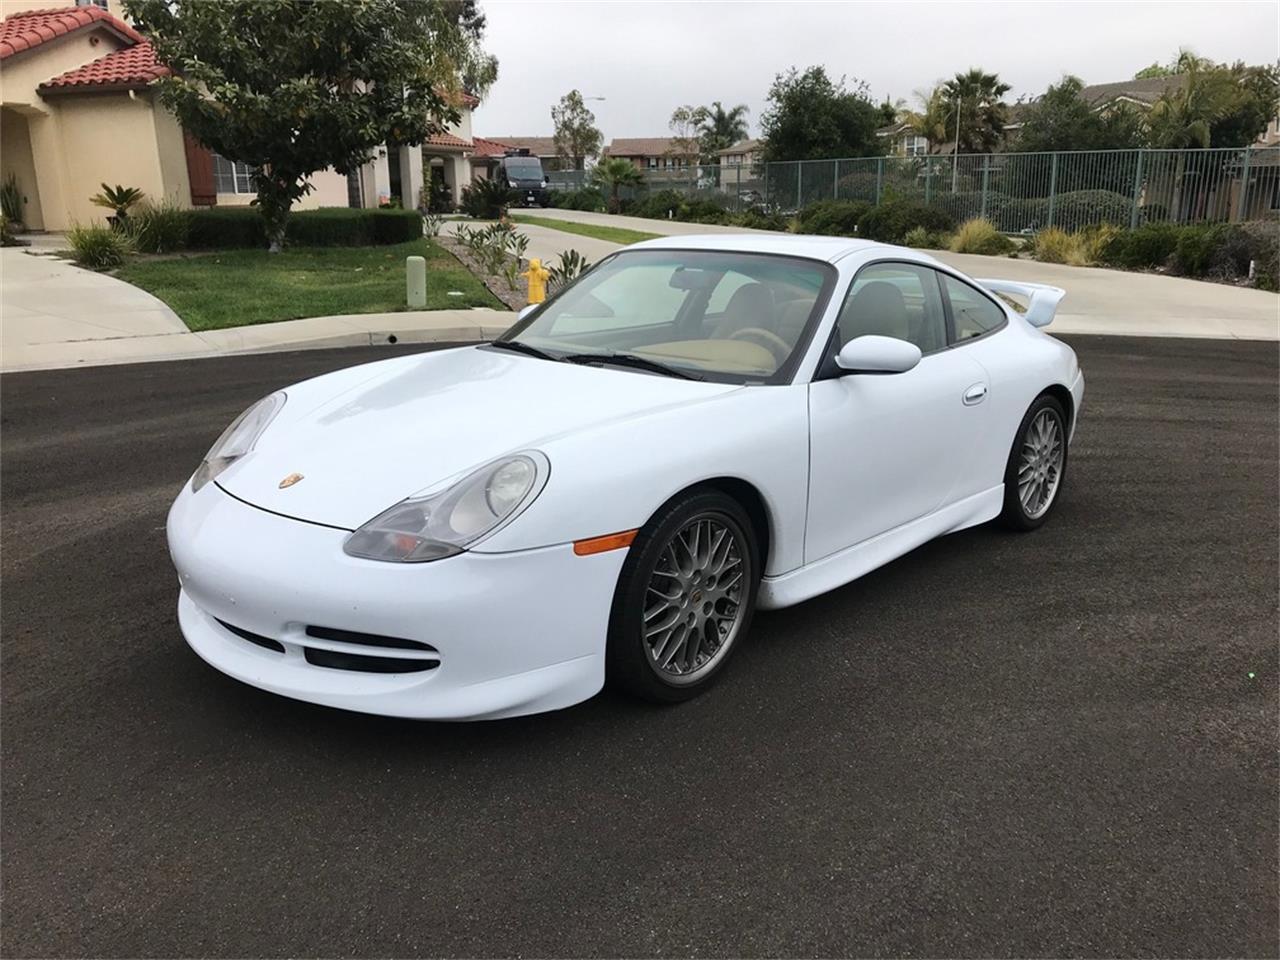 911 carrera porsche 1999 classic financing inspection insurance transport oceanside california